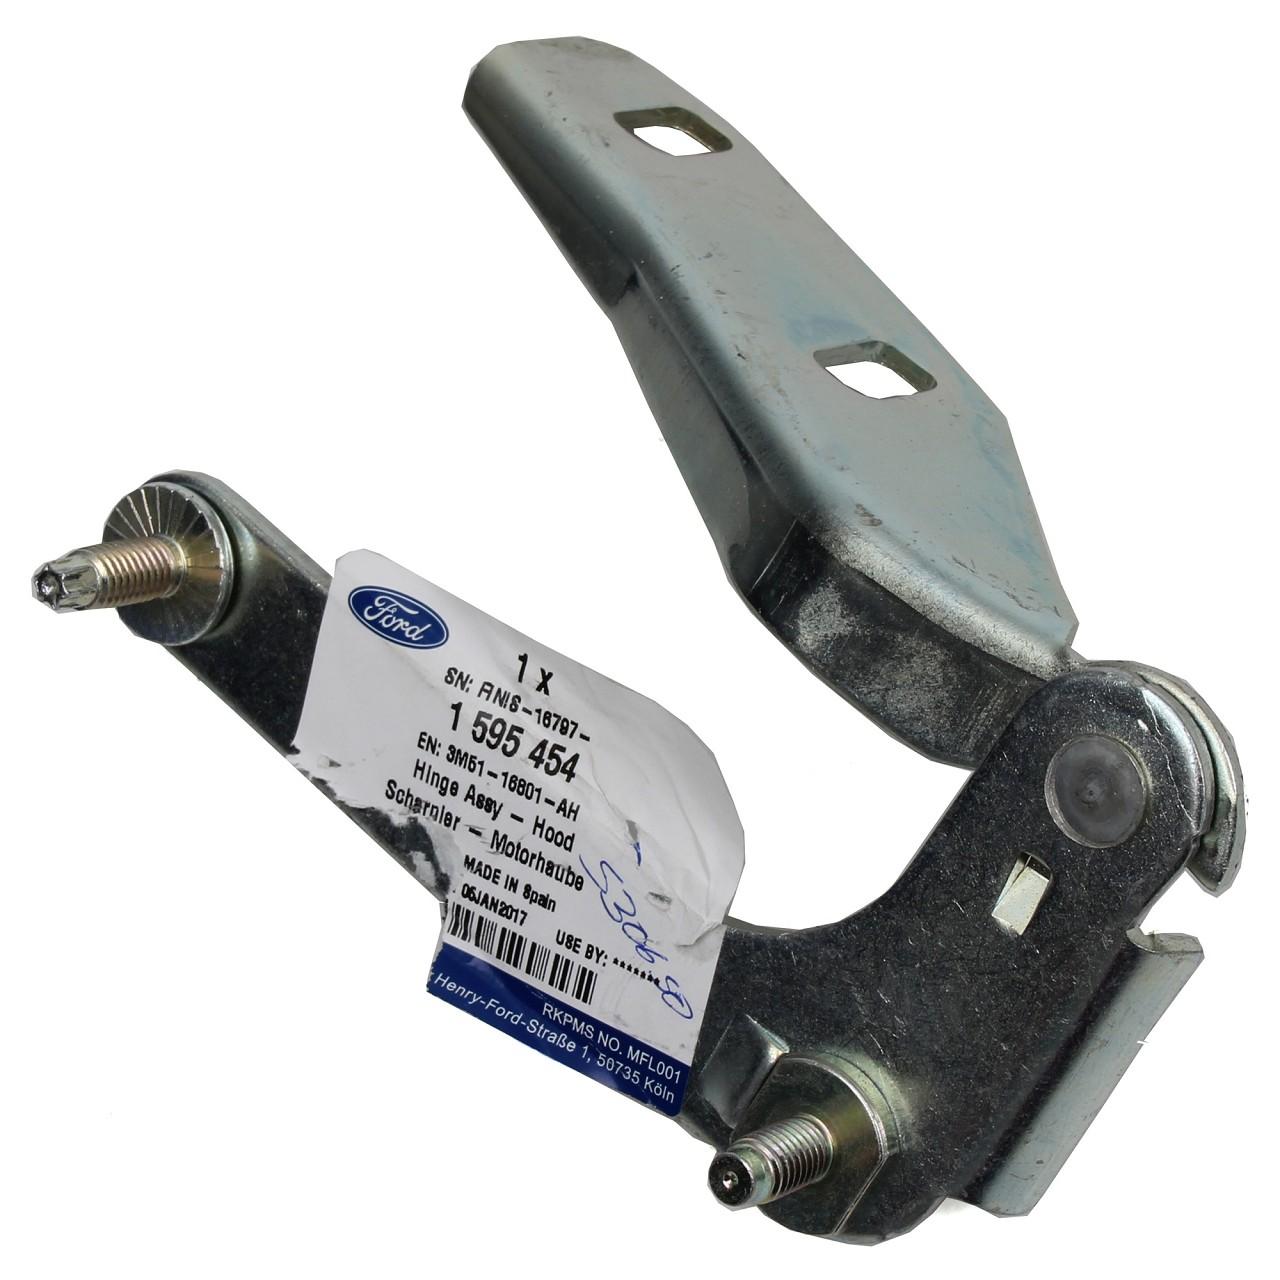 ORIGINAL Ford Scharnier Motorhaube FOCUS C-MAX / C-MAX (DM2) links 1595454